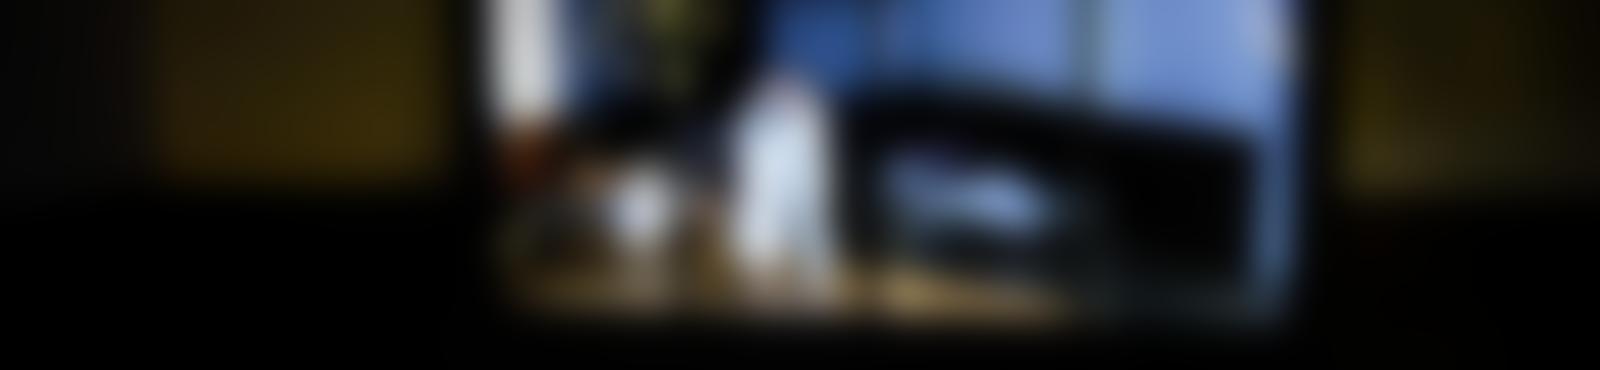 Blurred d0deb528 c625 486a 958e fa52a8e4b227